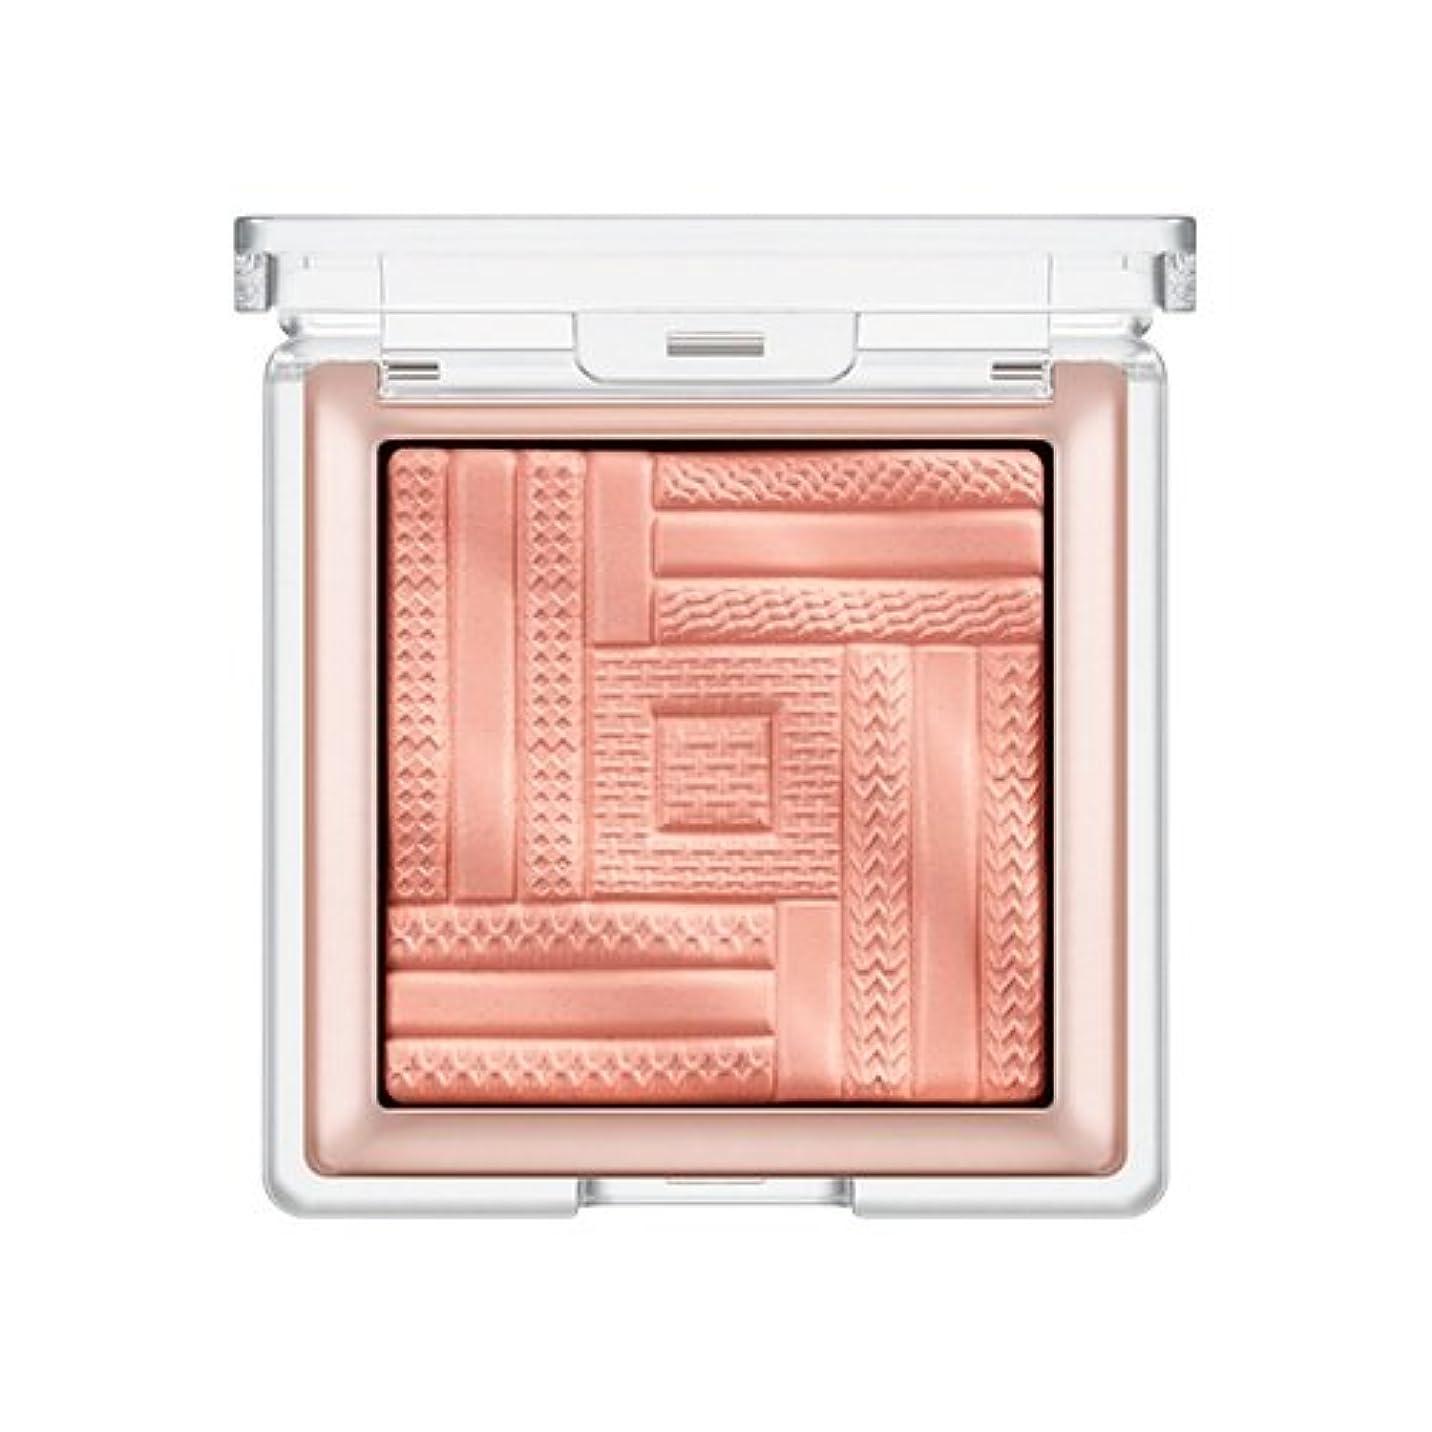 強盗クリック宿命MISSHA Satin Ital Prism Blusher (# Peach Avenue) / ミシャ サテンイタルプリズム チーク ブラッシャー [並行輸入品]